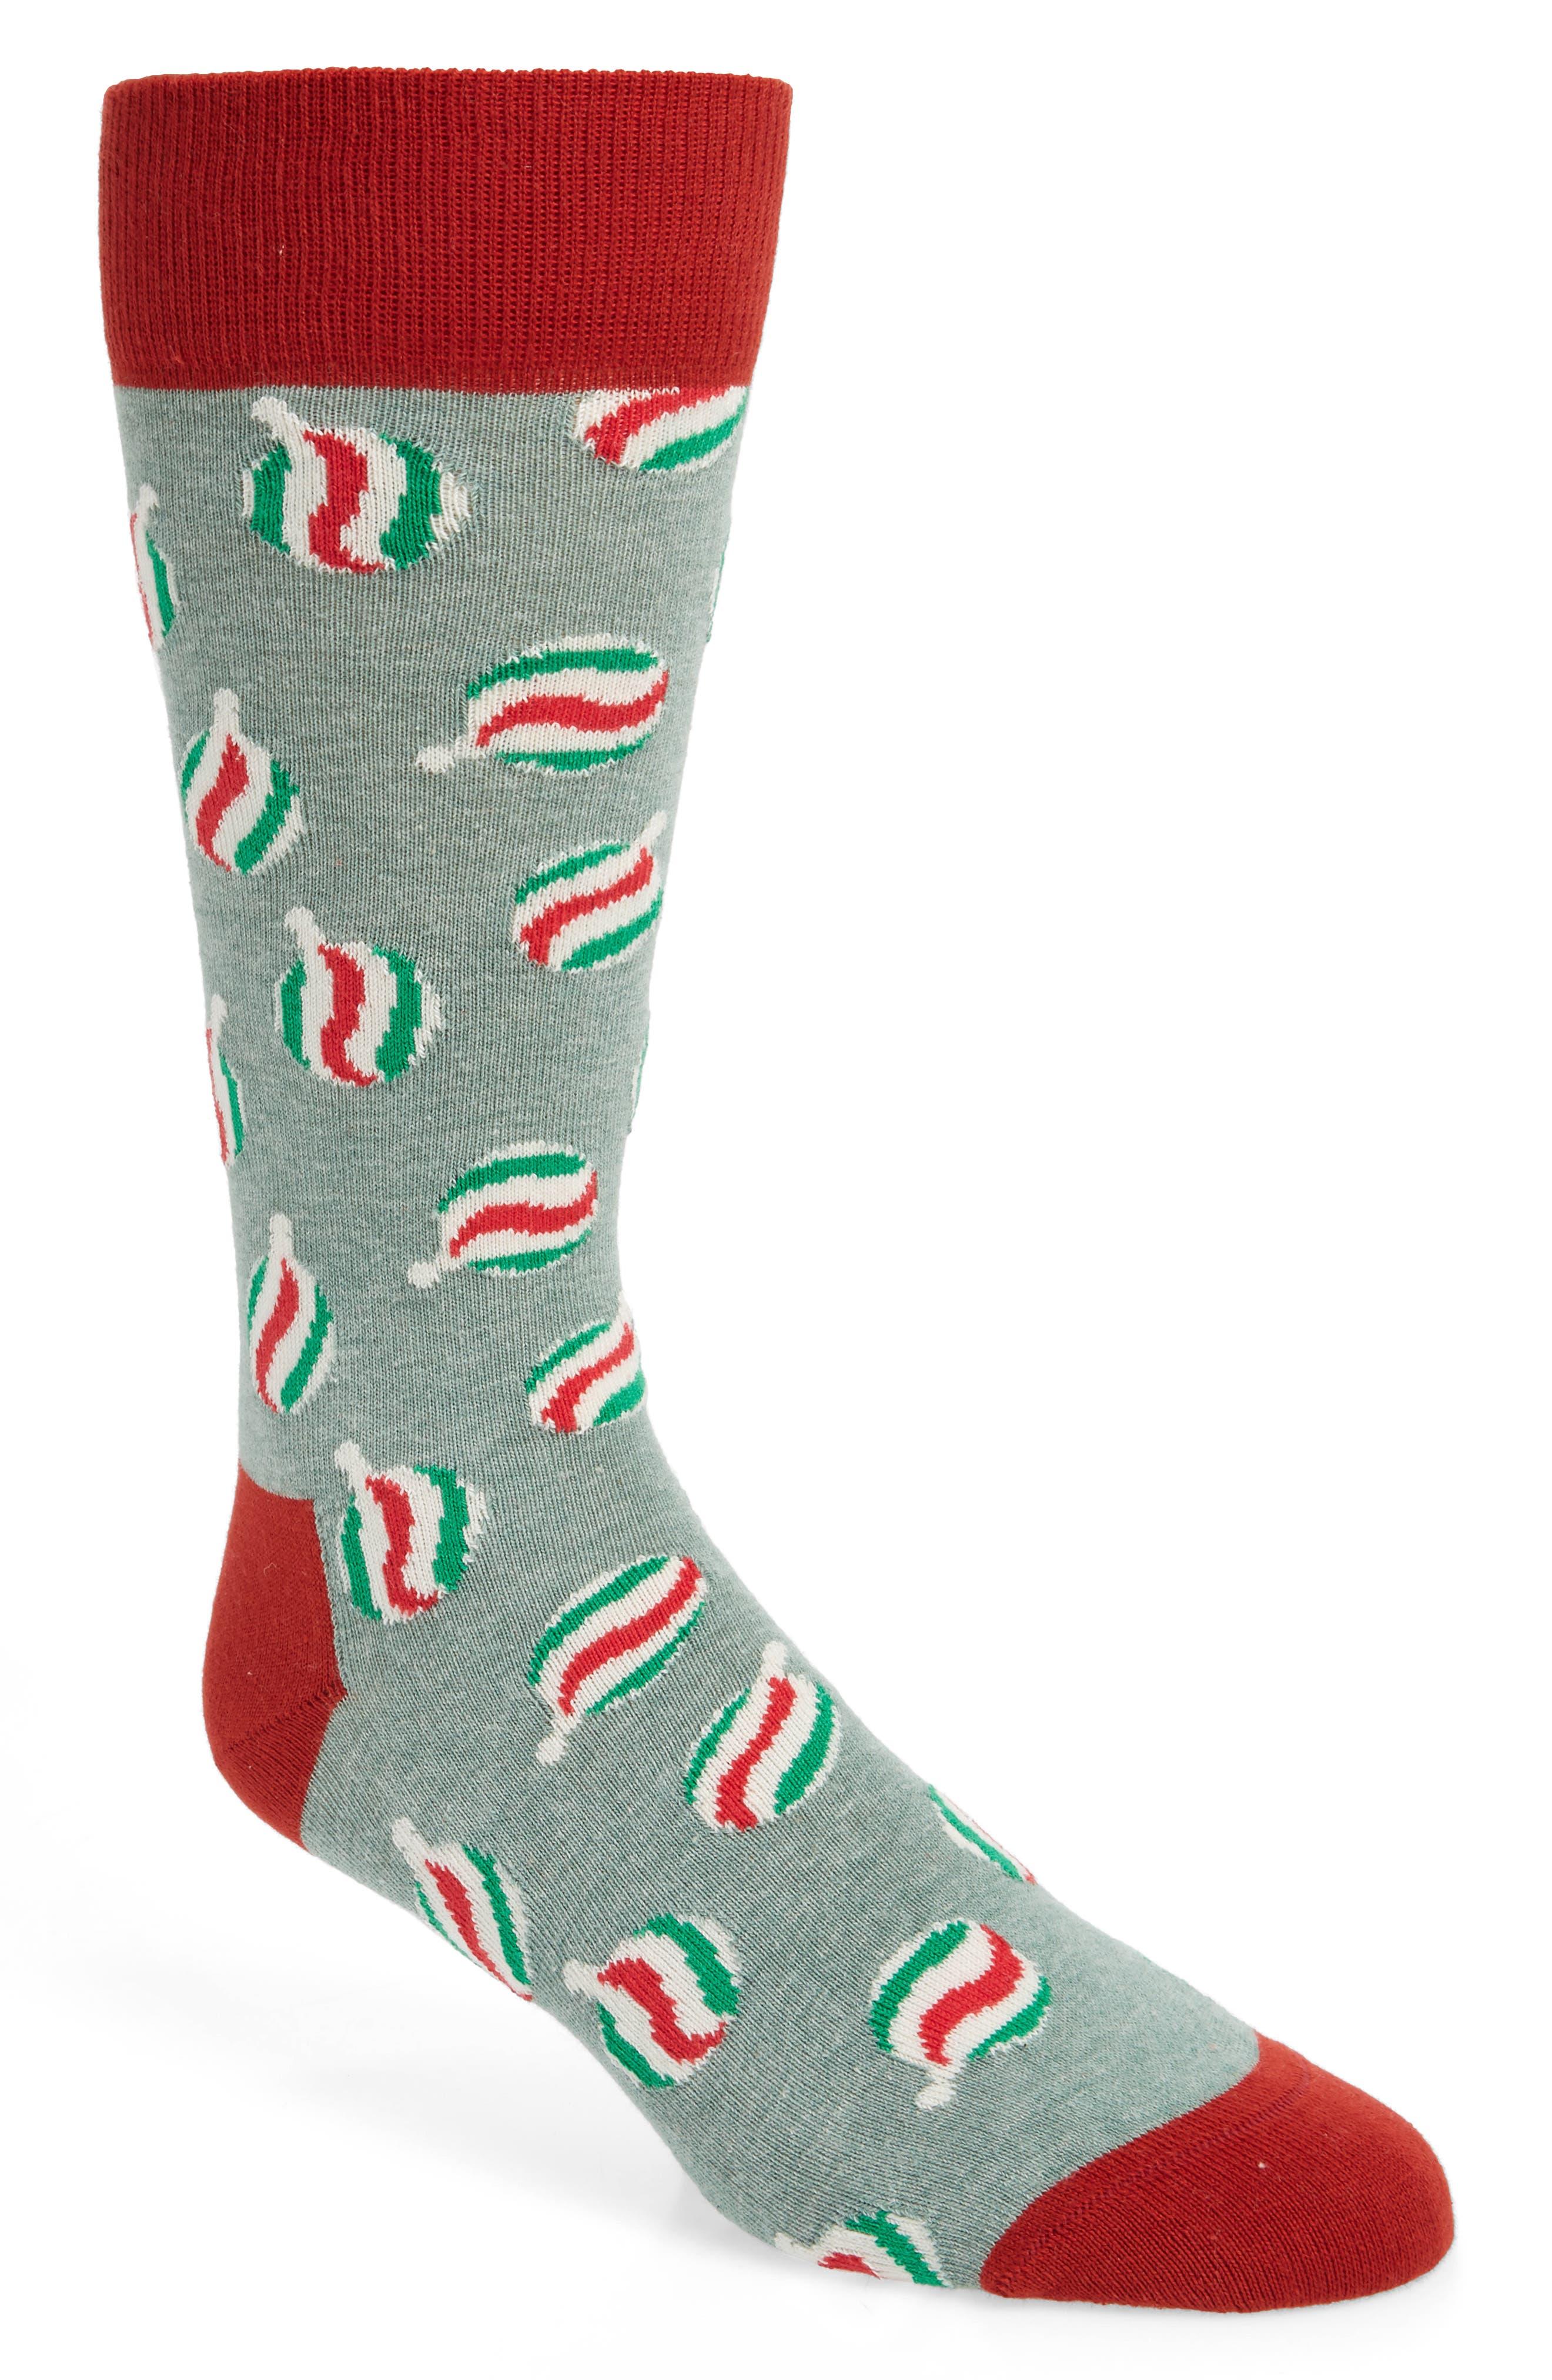 Holiday Bauble Socks,                             Main thumbnail 1, color,                             GREY